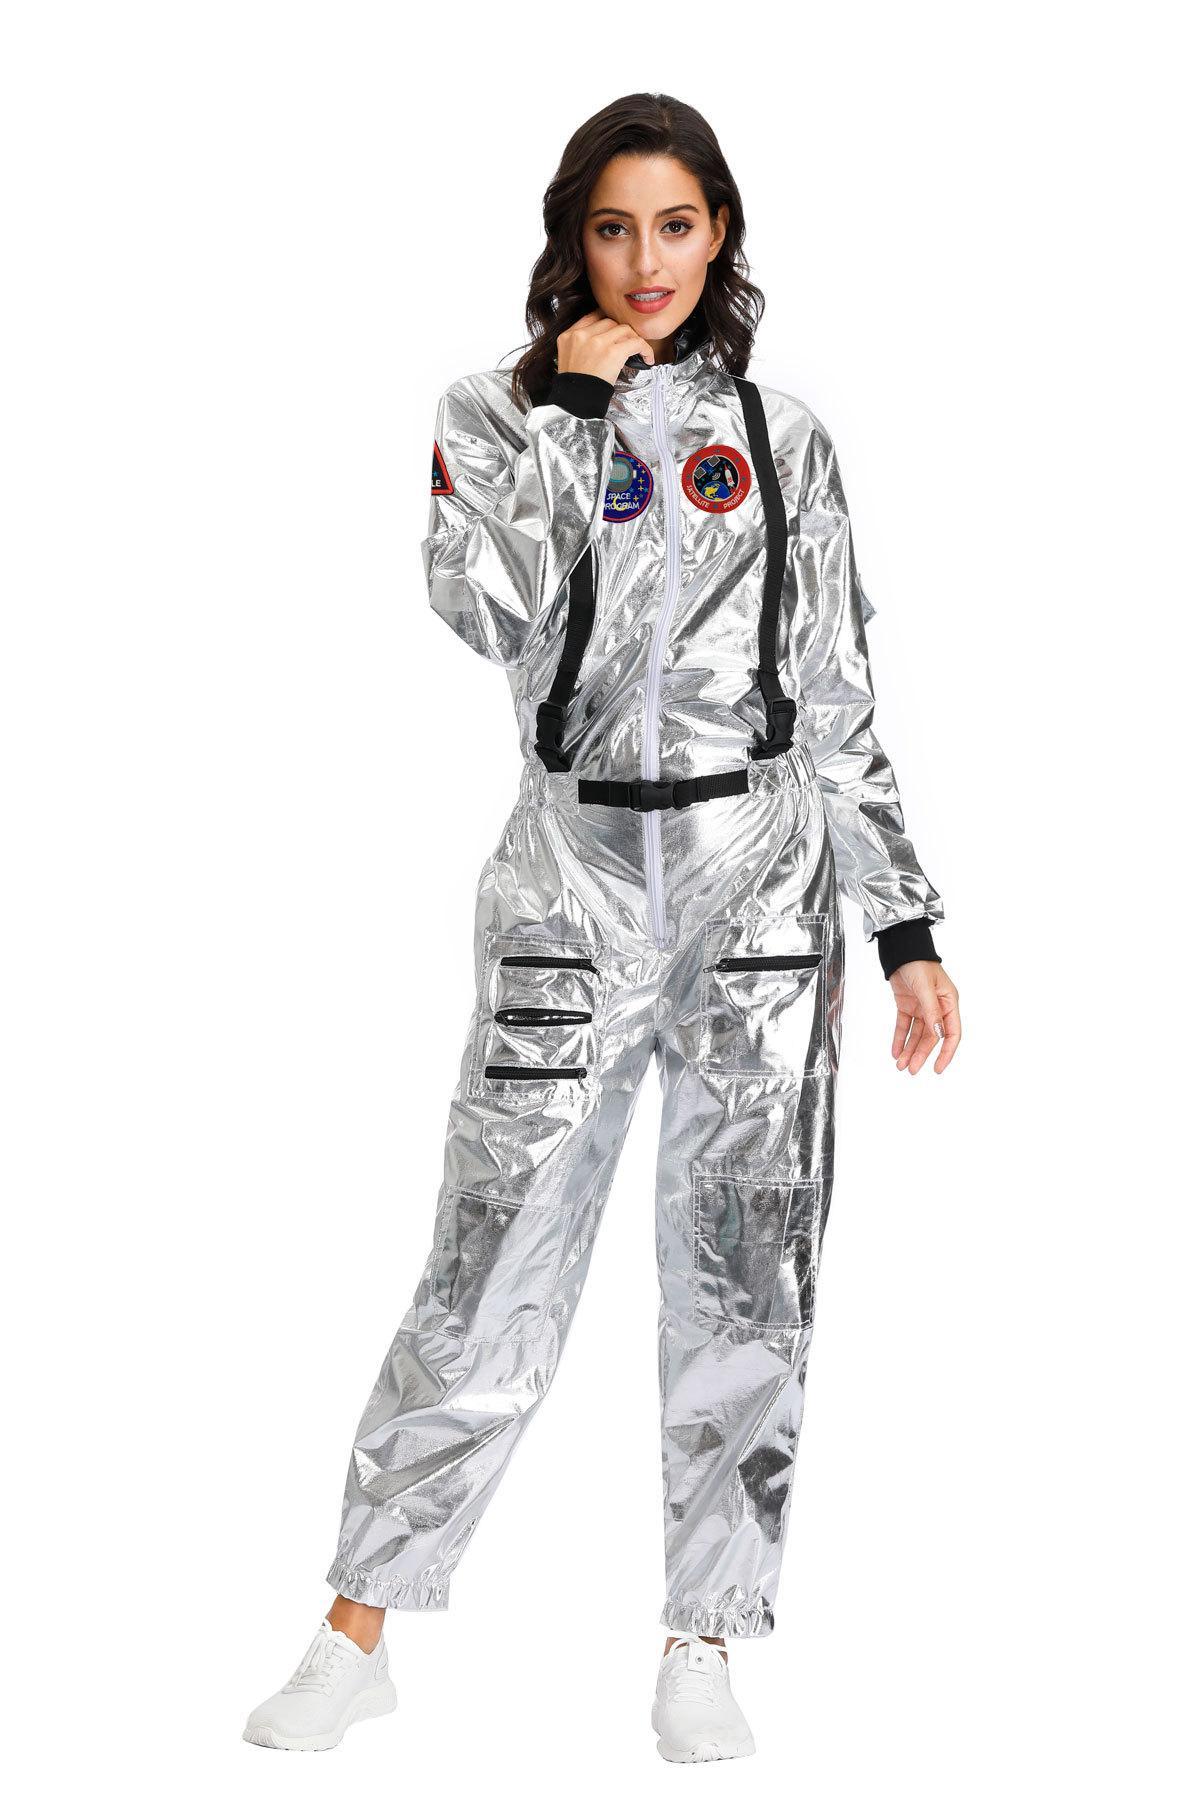 Raumanzug Ferien Karneval Kostüm Männer und Frauen Raumanzug aufblasbare Kostüme Lustige Party-Kleid Tier Halloween Dinosaurier Maskottchen Kostüm